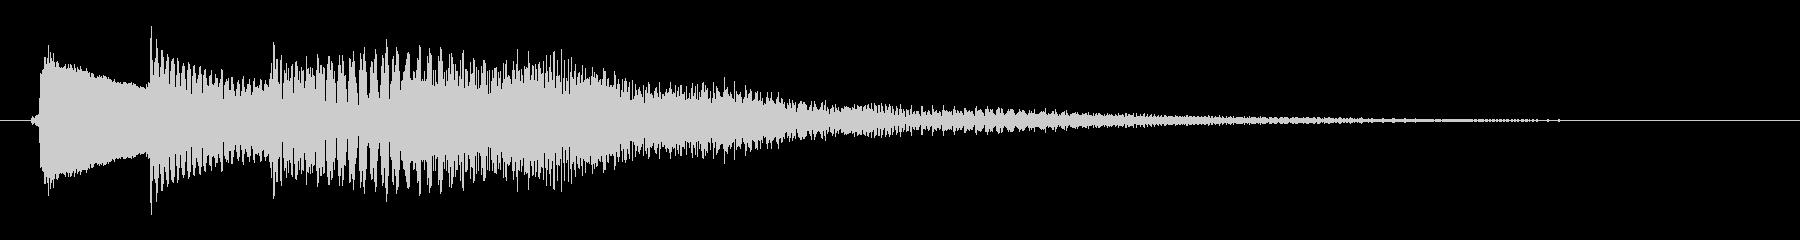 アプリ用サウンドエフェクトです。の未再生の波形